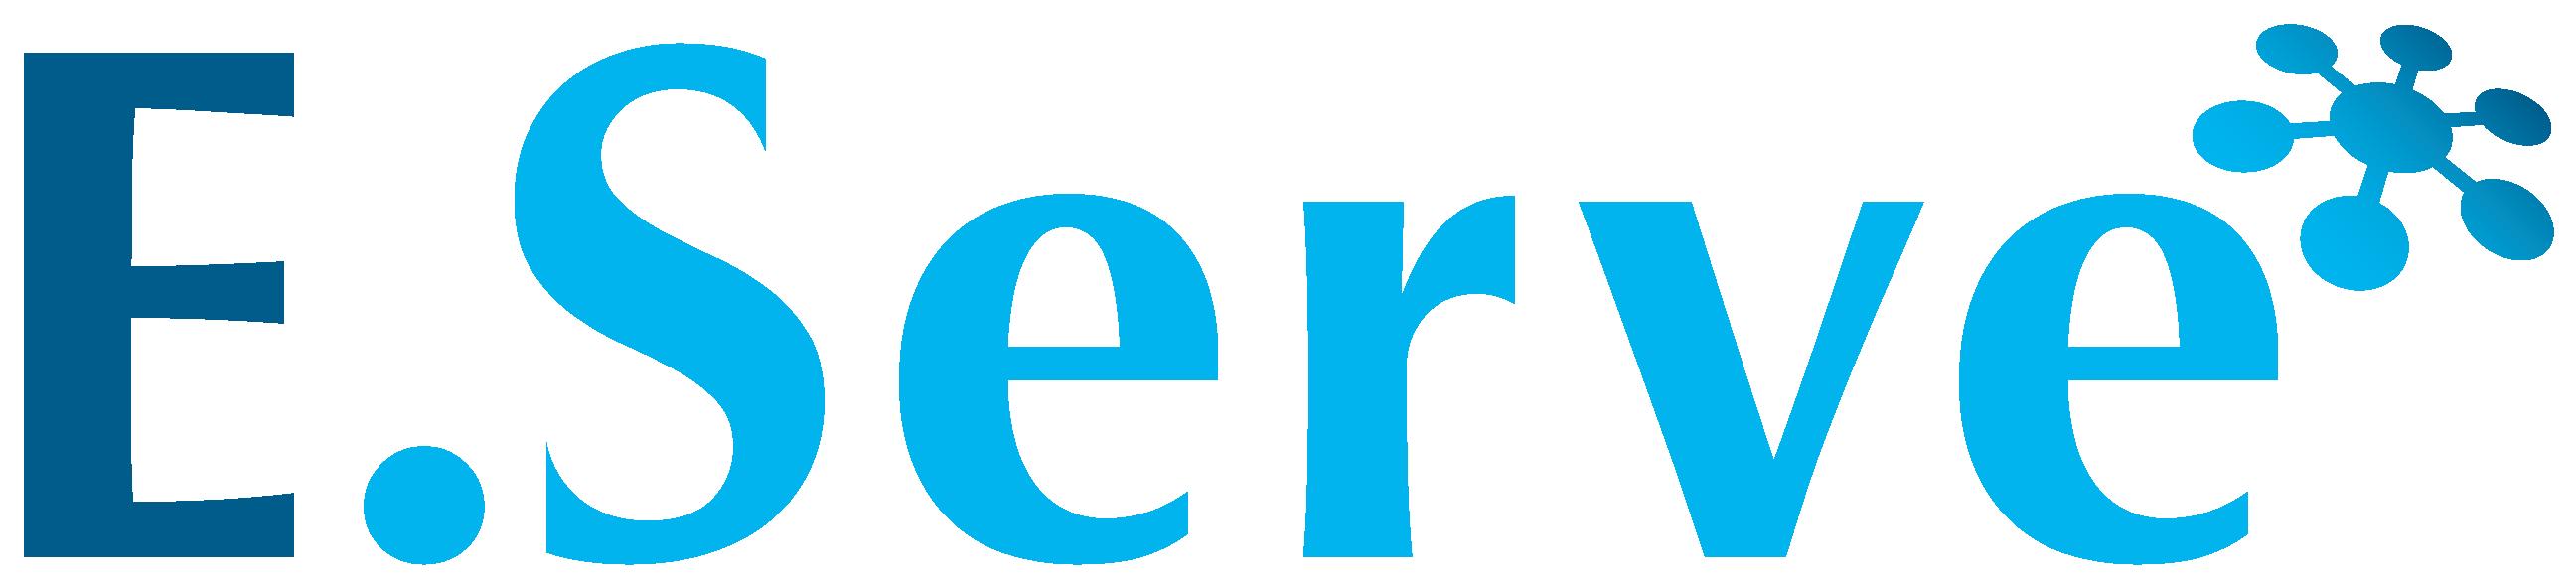 人材系サービスとロゴタイプ(文字のみのデザイン)と青のロゴ